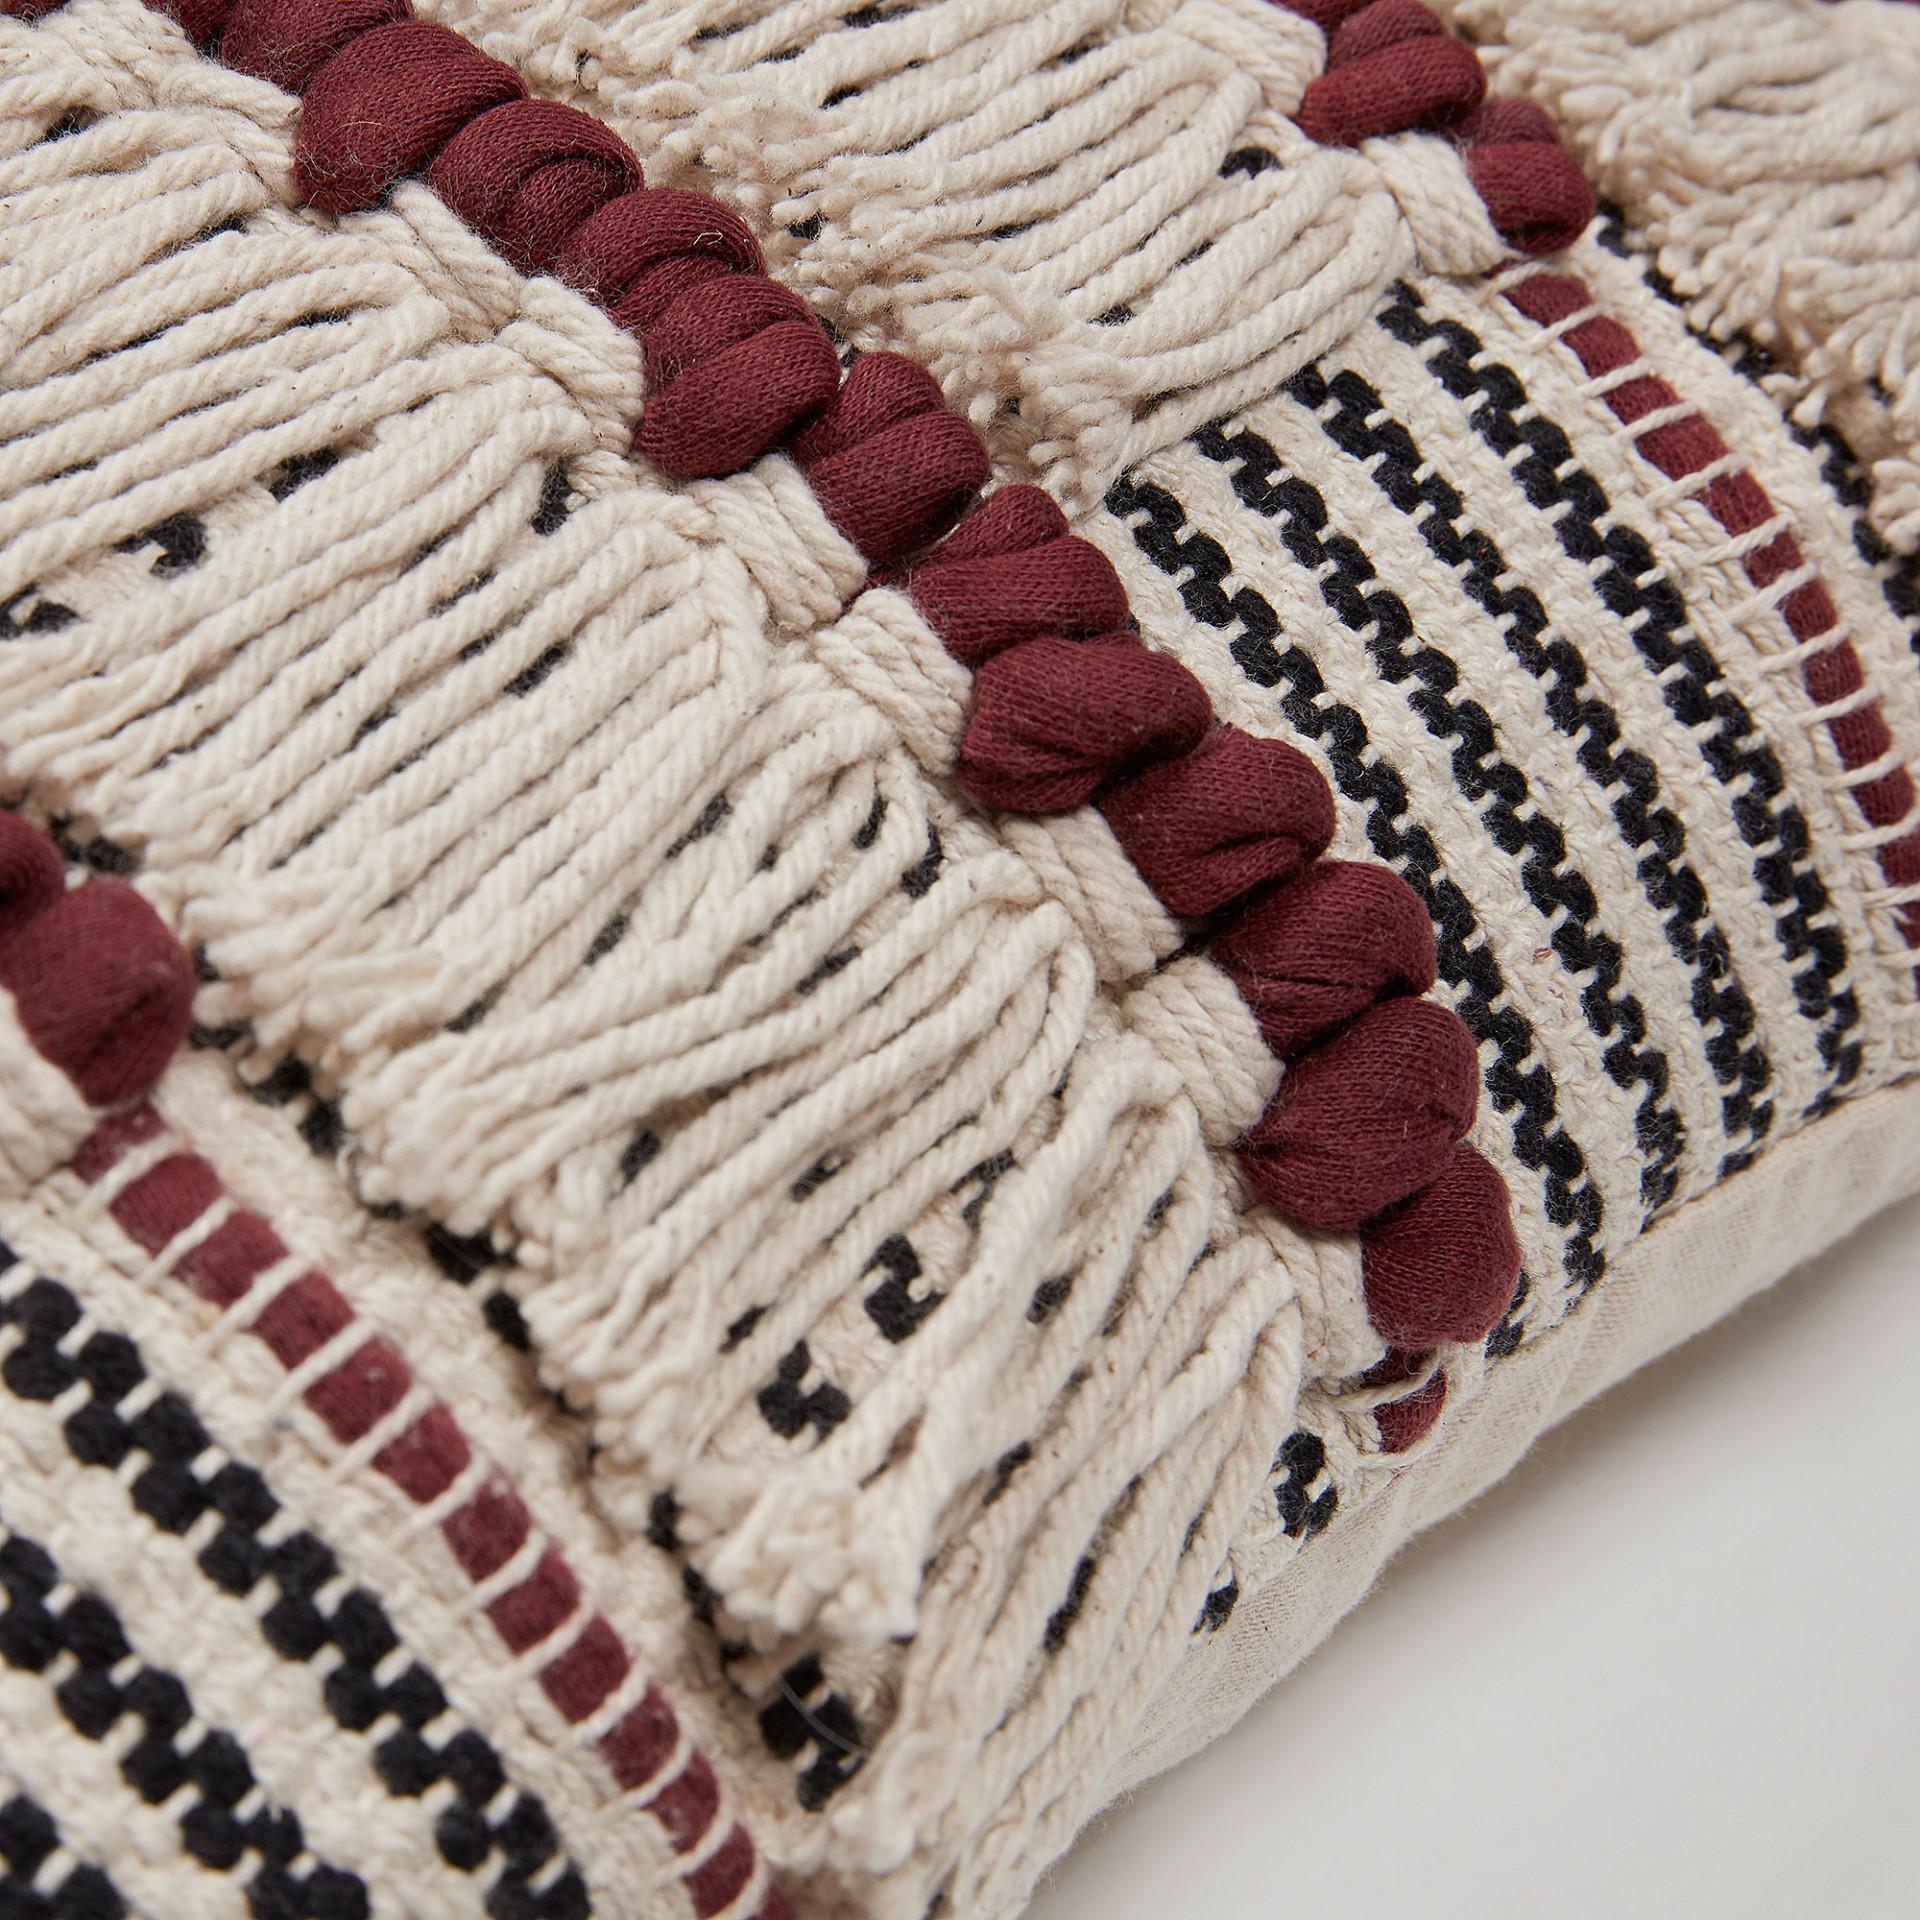 Capa de almofada Noth, c/franjas, 45x45